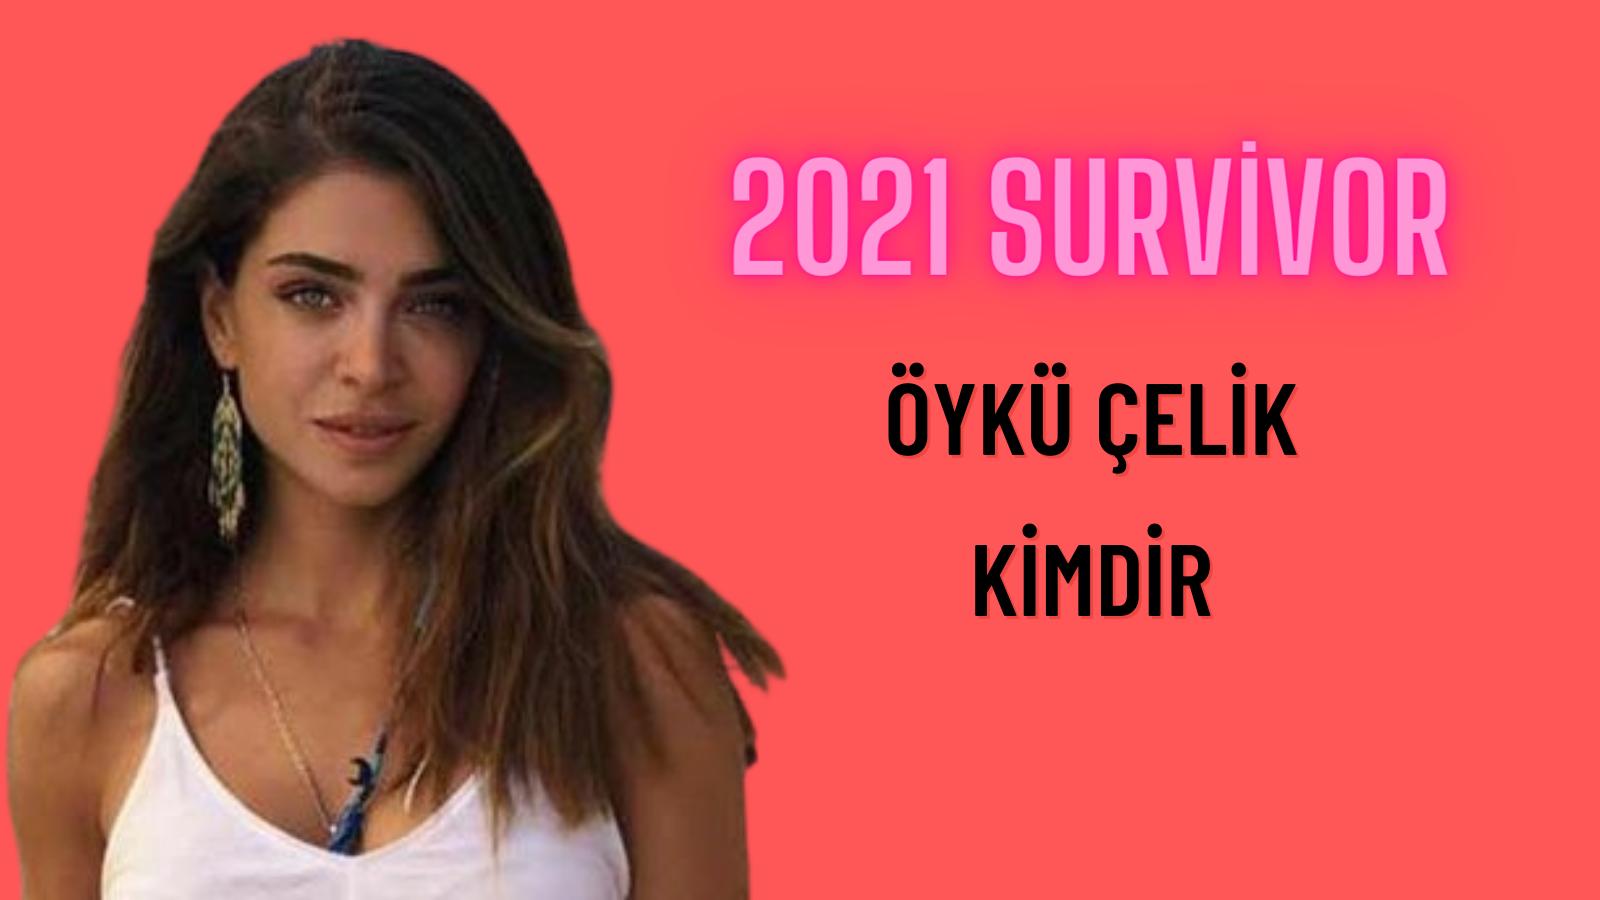 Survivor 2021 Öykü Çelik kimdir, kaç yaşında ve ne iş yapar? Survivor  Ünlüler